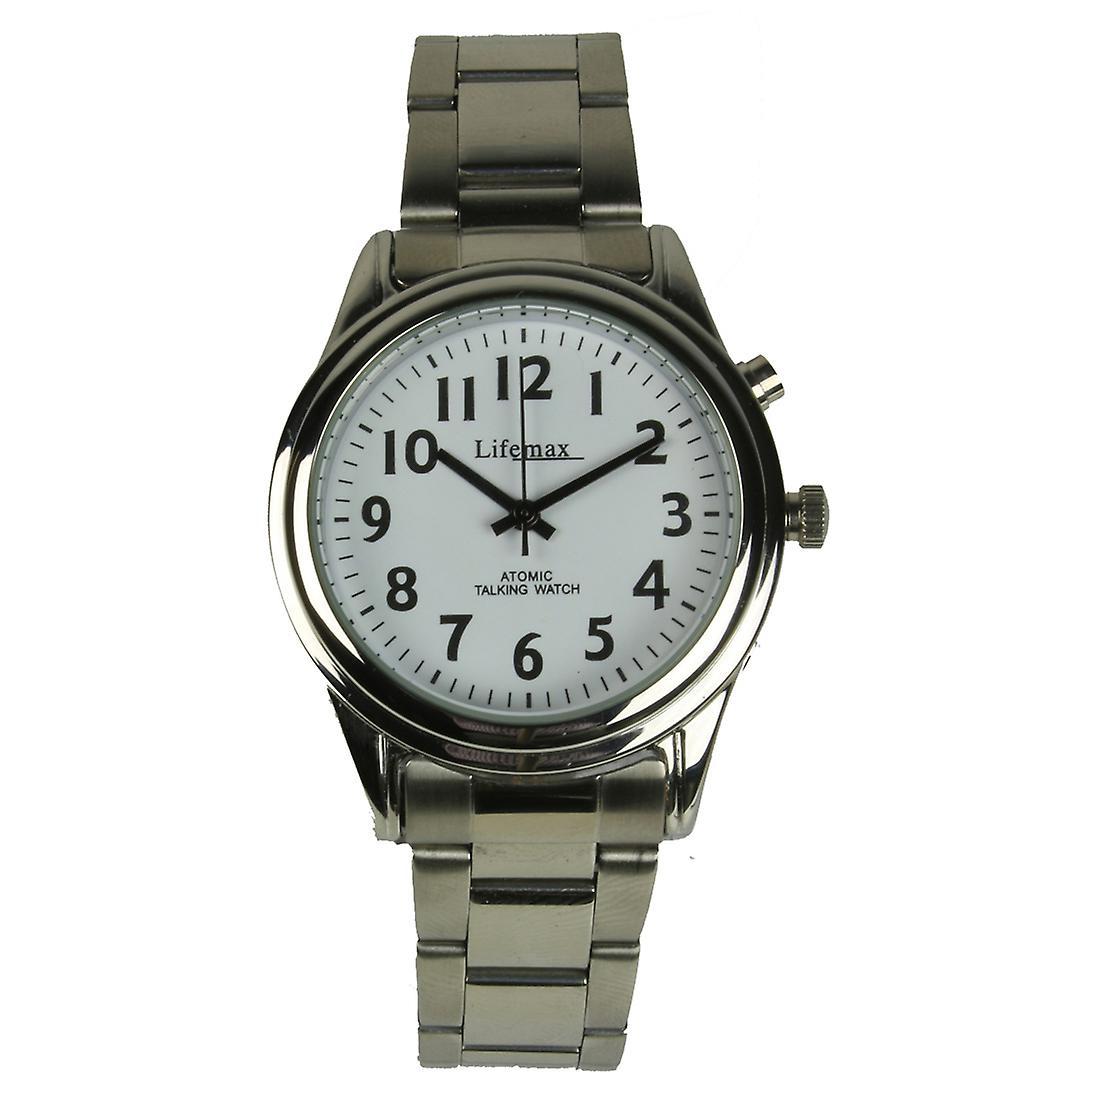 Talking Atomic Watch - Ladies Bracelet